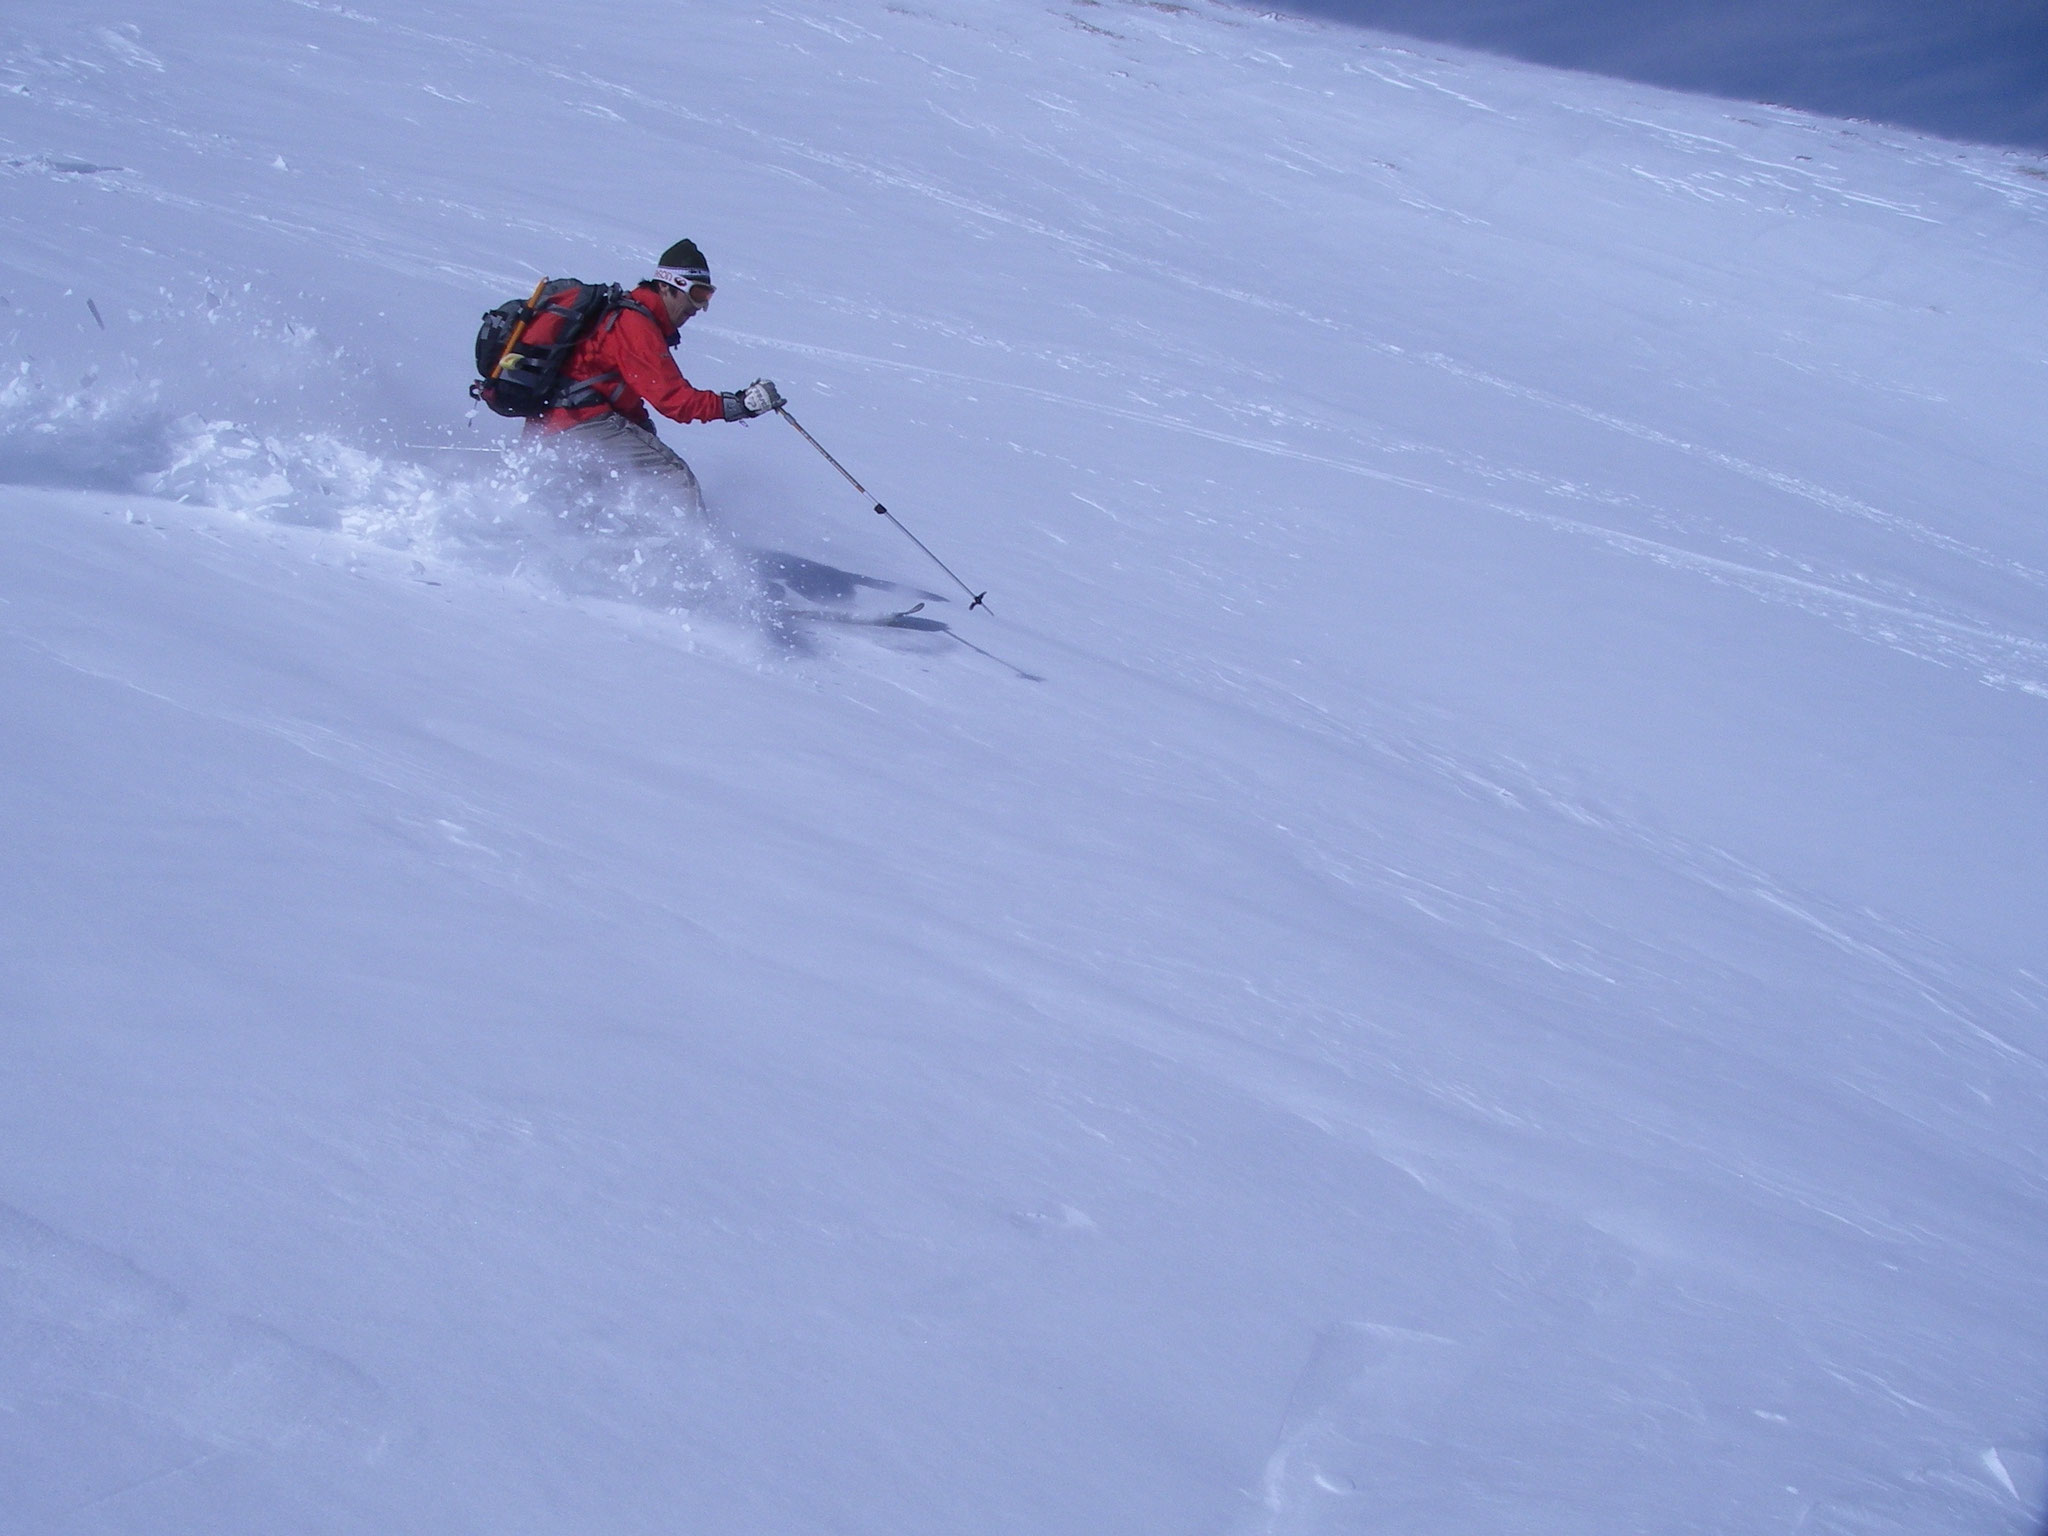 御岳山を滑る